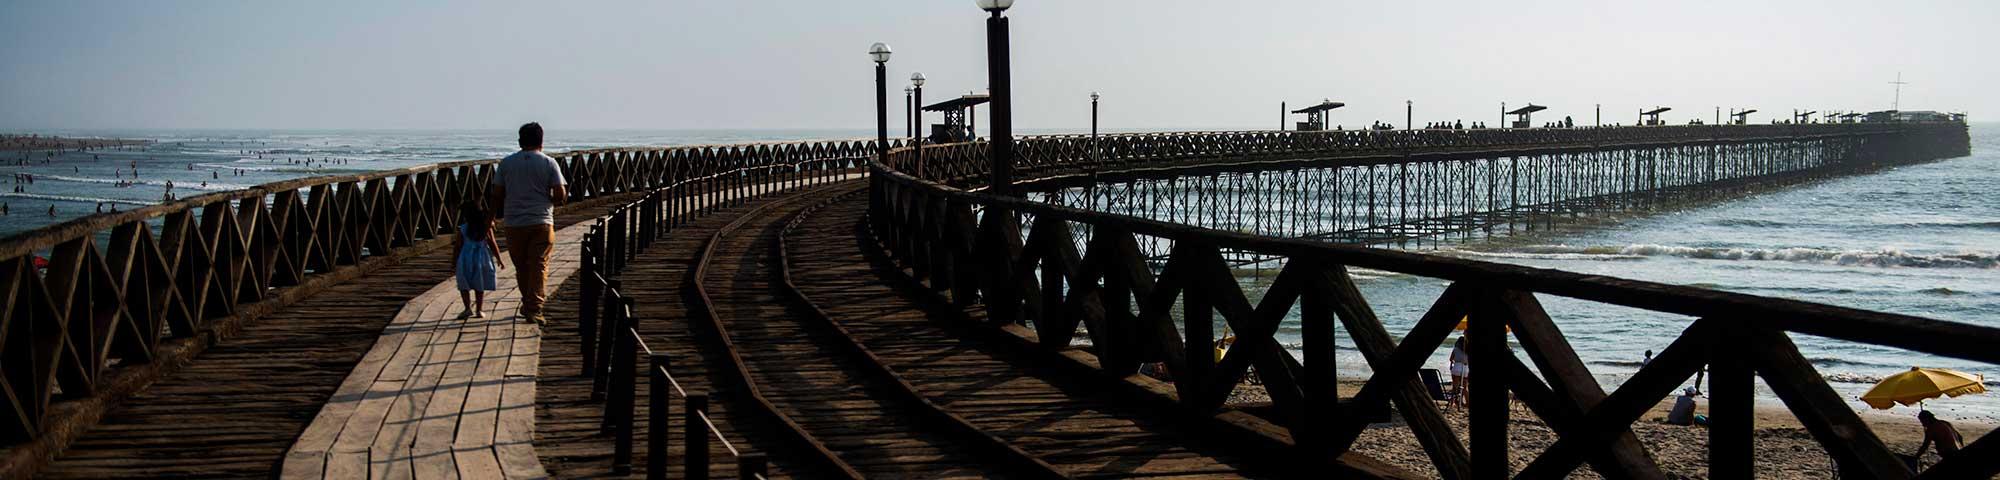 Muelle de Pimentel